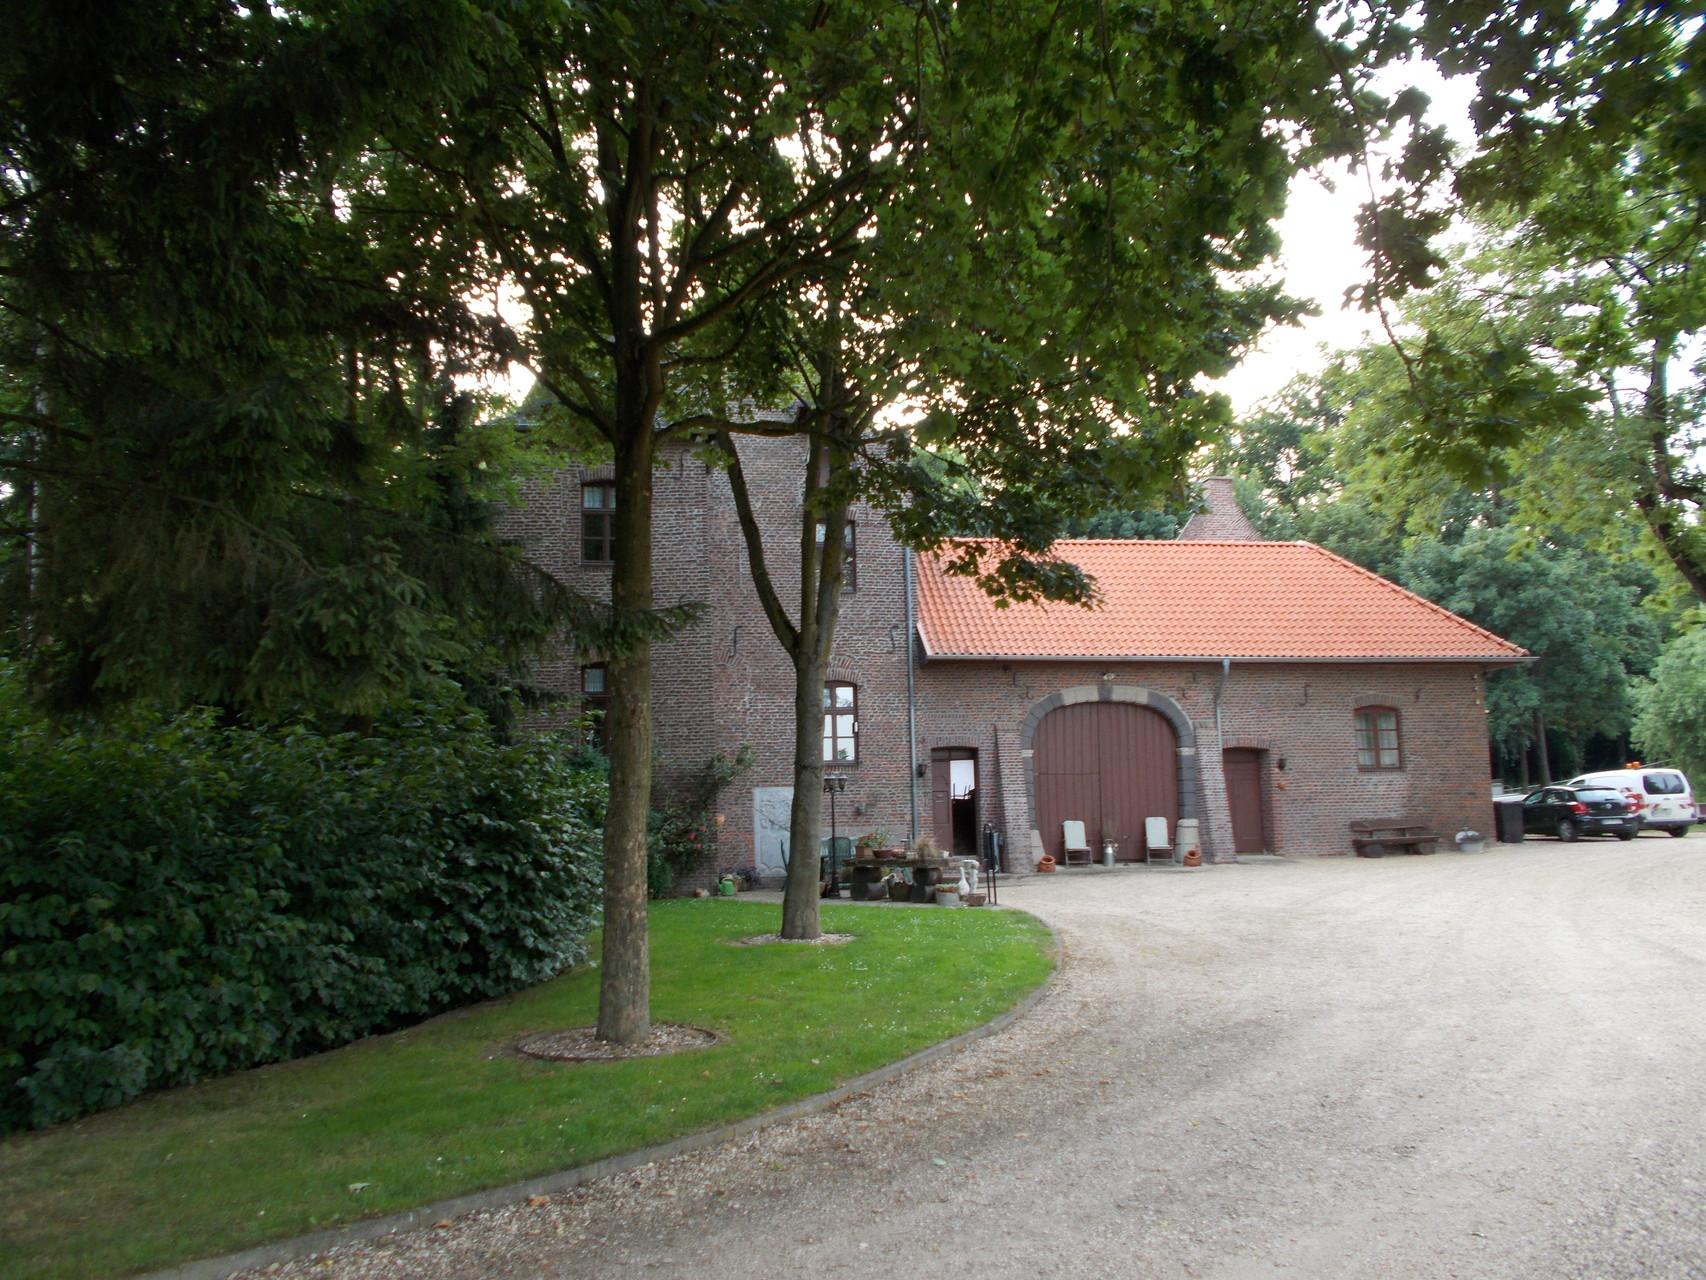 Haus Paland - ehemalige Wasserburg